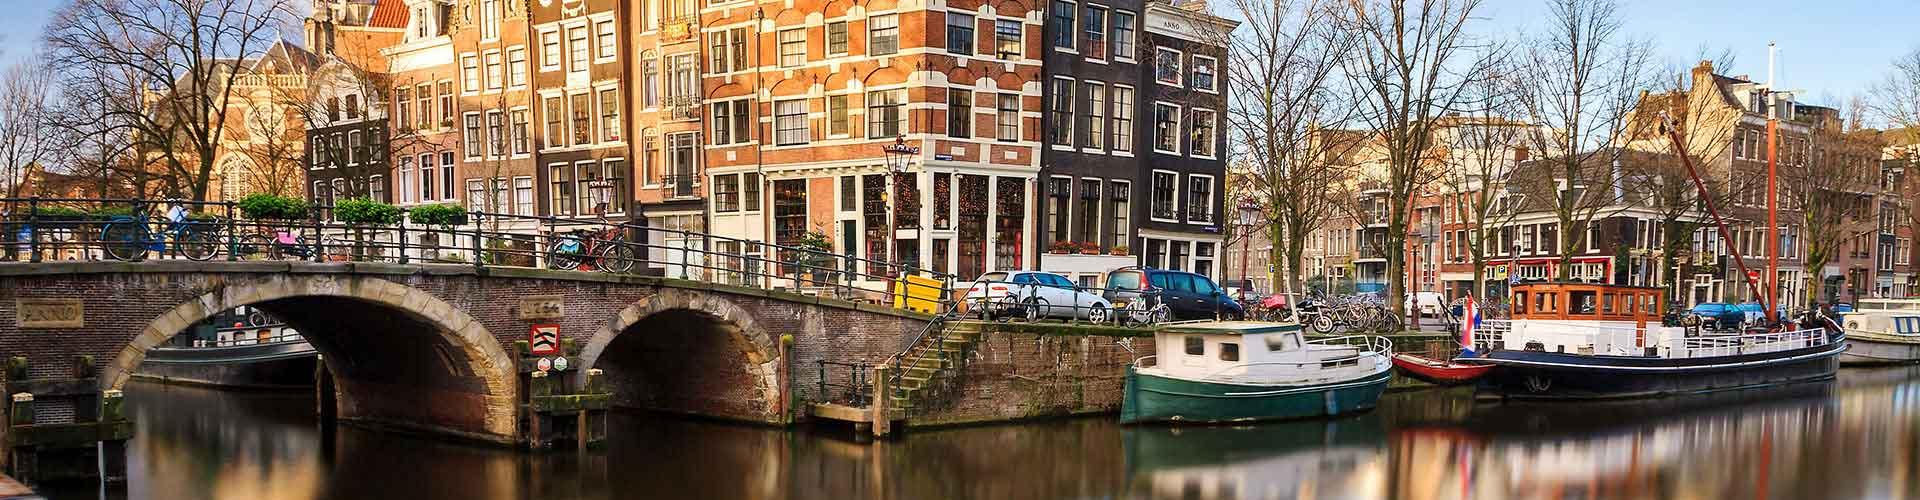 Amsterdam – Camping próximos de Amsterdam Lelylaan estação ferroviária. Mapas para Amsterdam, Fotos e Avaliações para cada camping em Amsterdam.